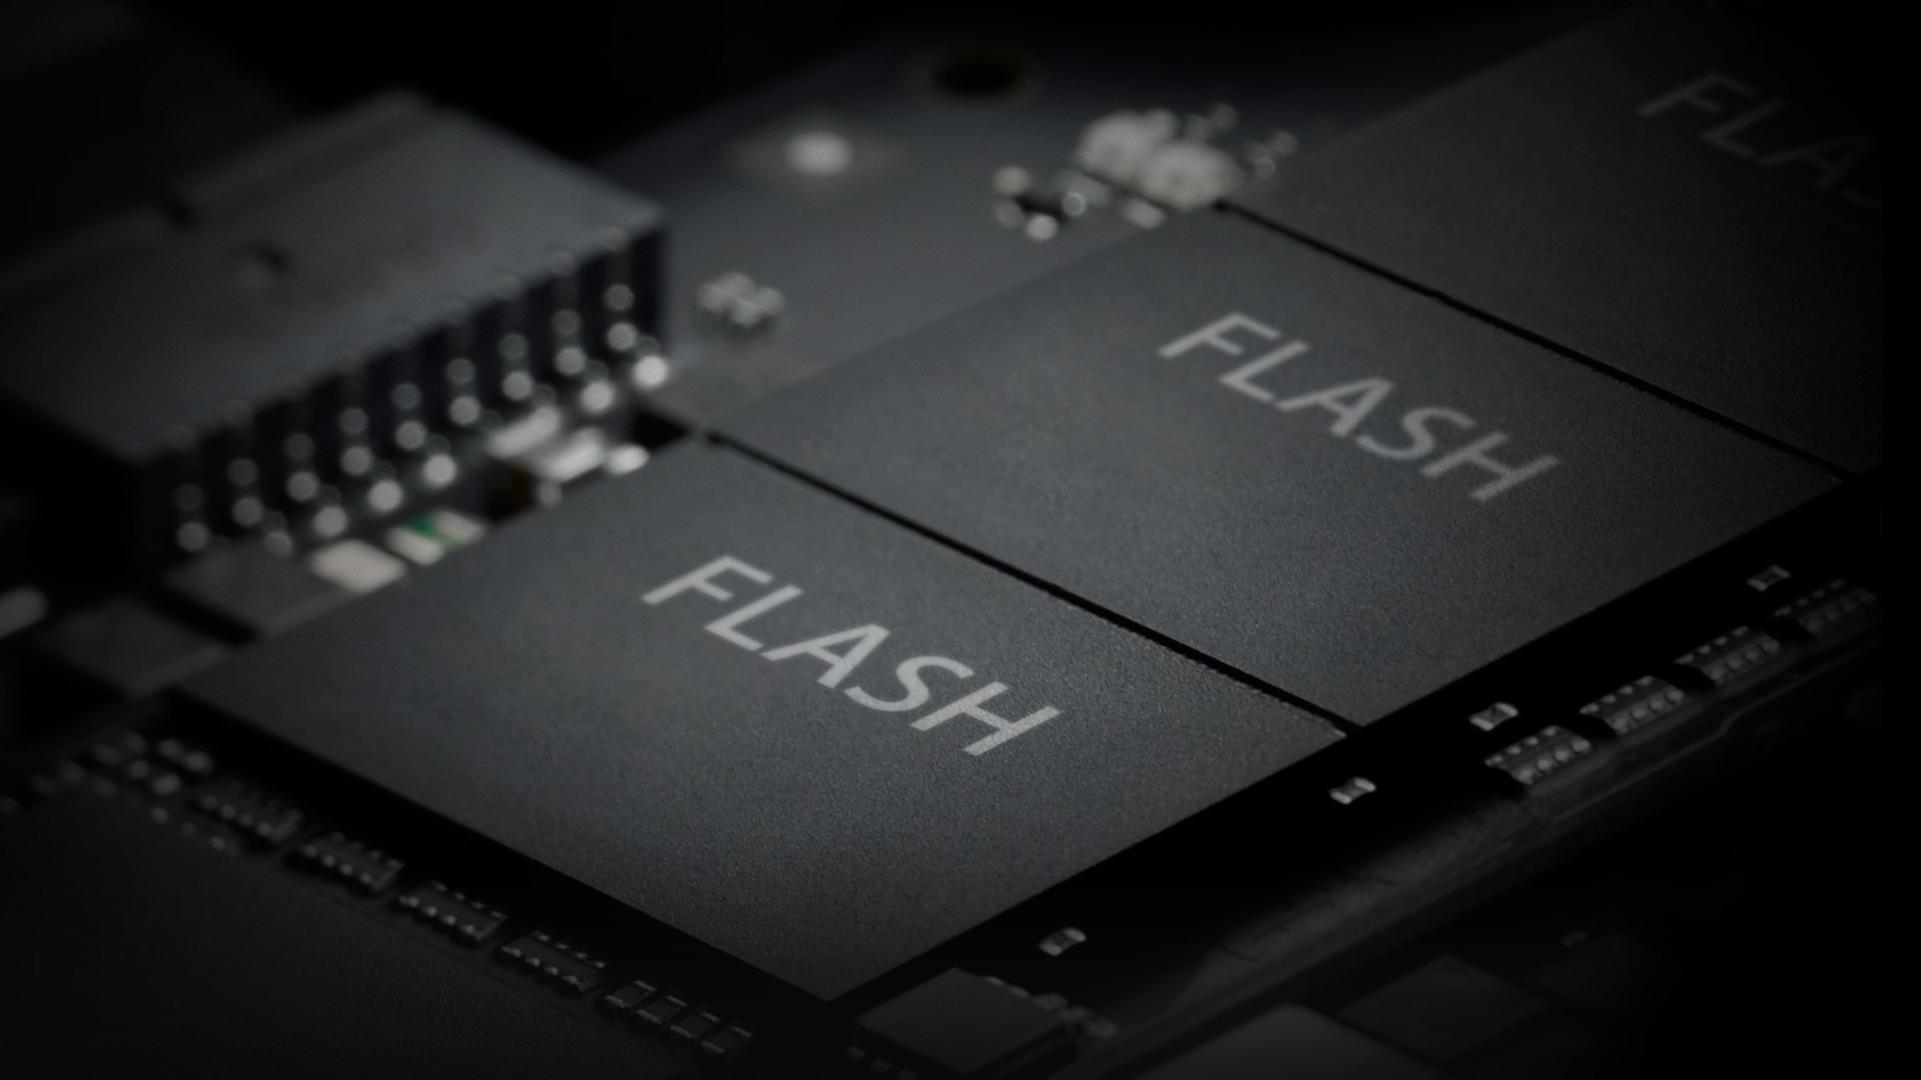 وفقًا لأحدث تحقيقات TrendForce إيرادات ذواكر NAND Flash ستتراجع كثيرا